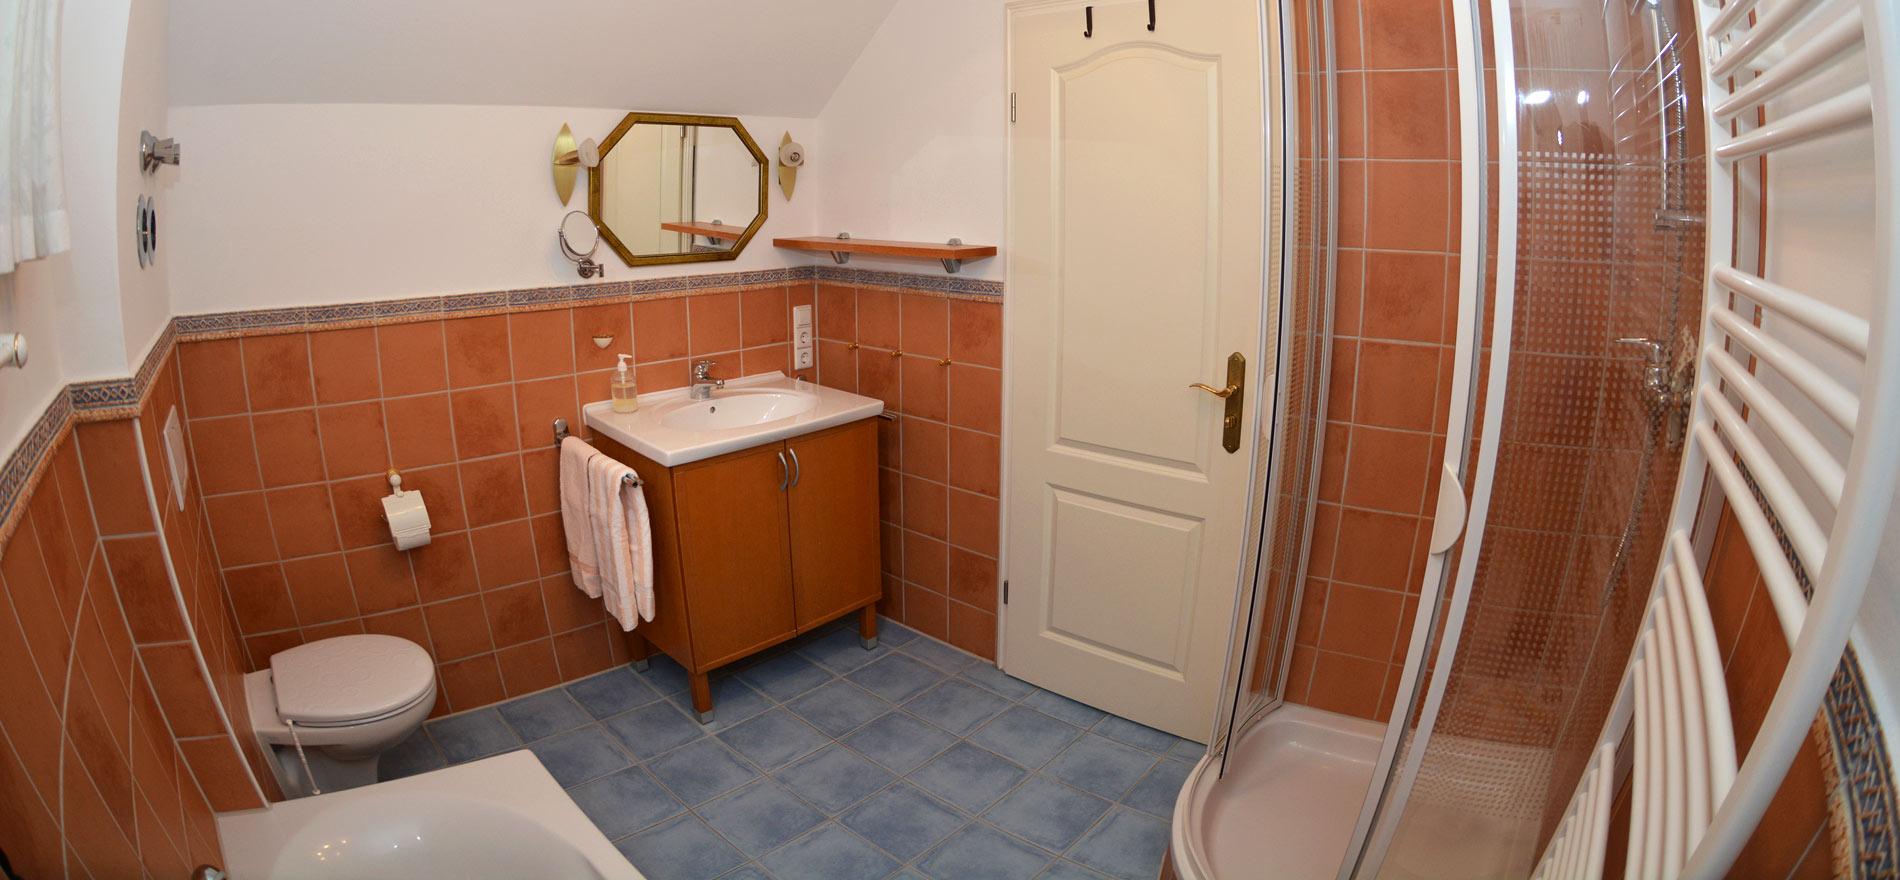 Ferienwohnung Pfarrhaus in Meersburg - Wohnung 6 5